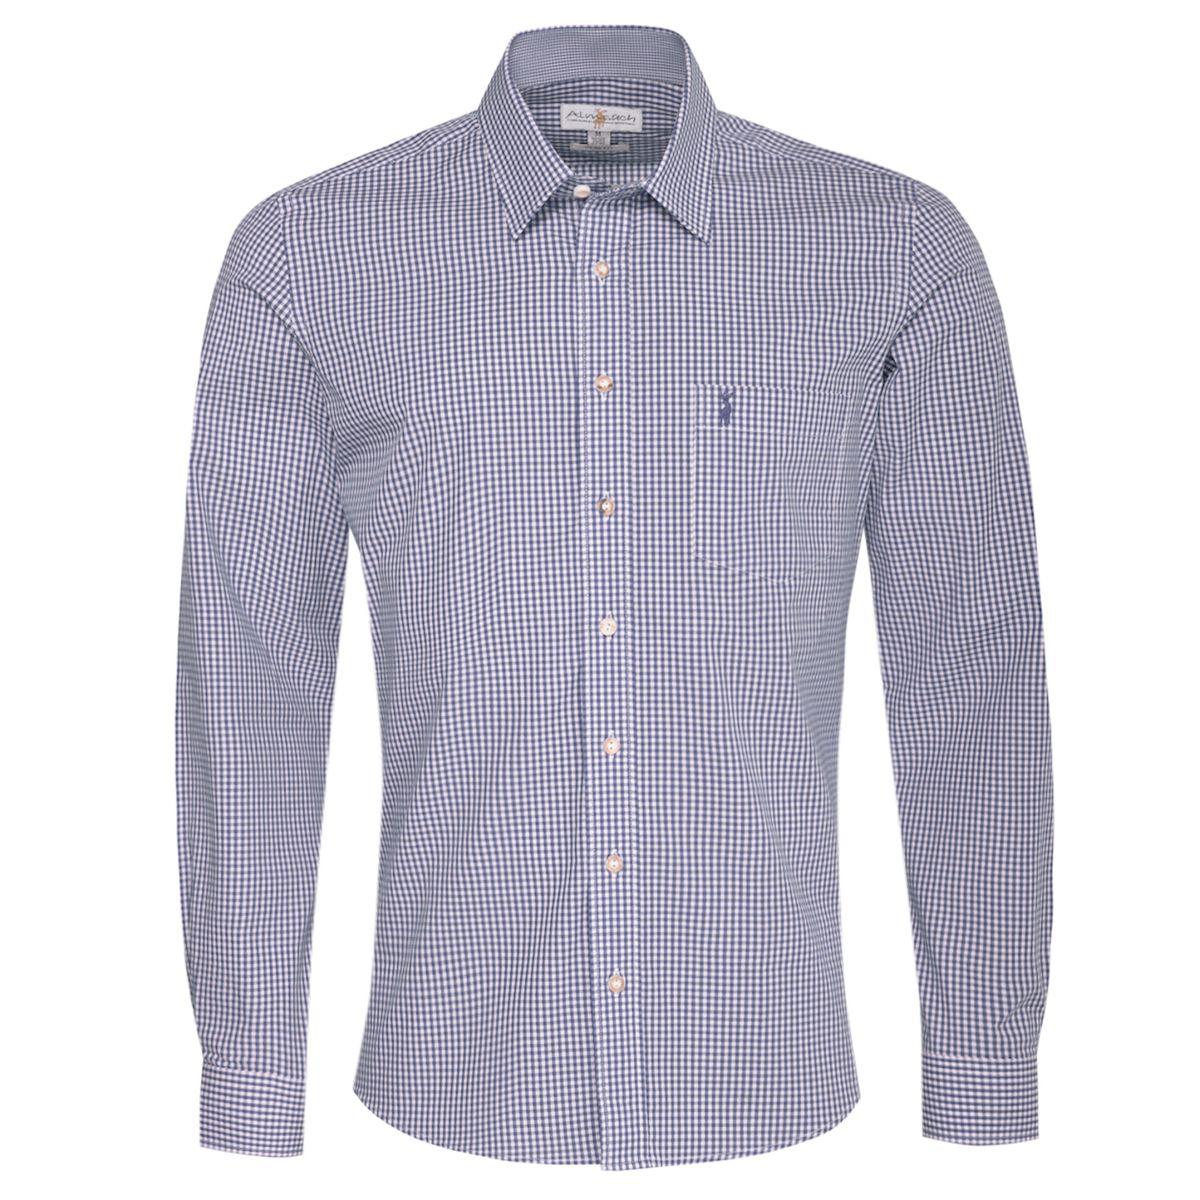 Trachtenhemd Cai Slim Fit in Blau von Almsach günstig online kaufen